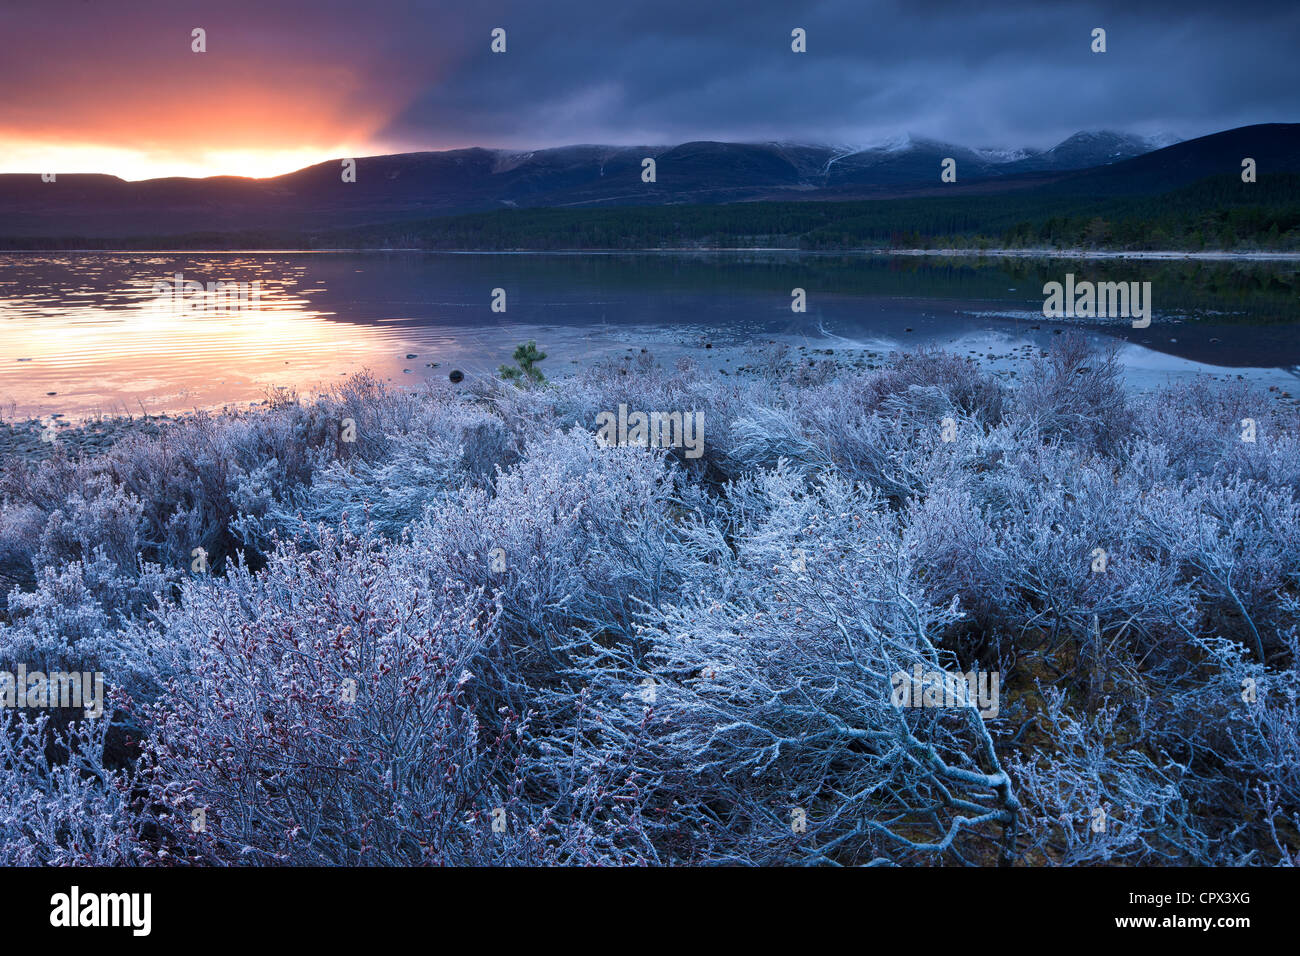 Loch Morlich und den Cairngorms im Morgengrauen, Badenoch und Strathspey, Schottland Stockbild